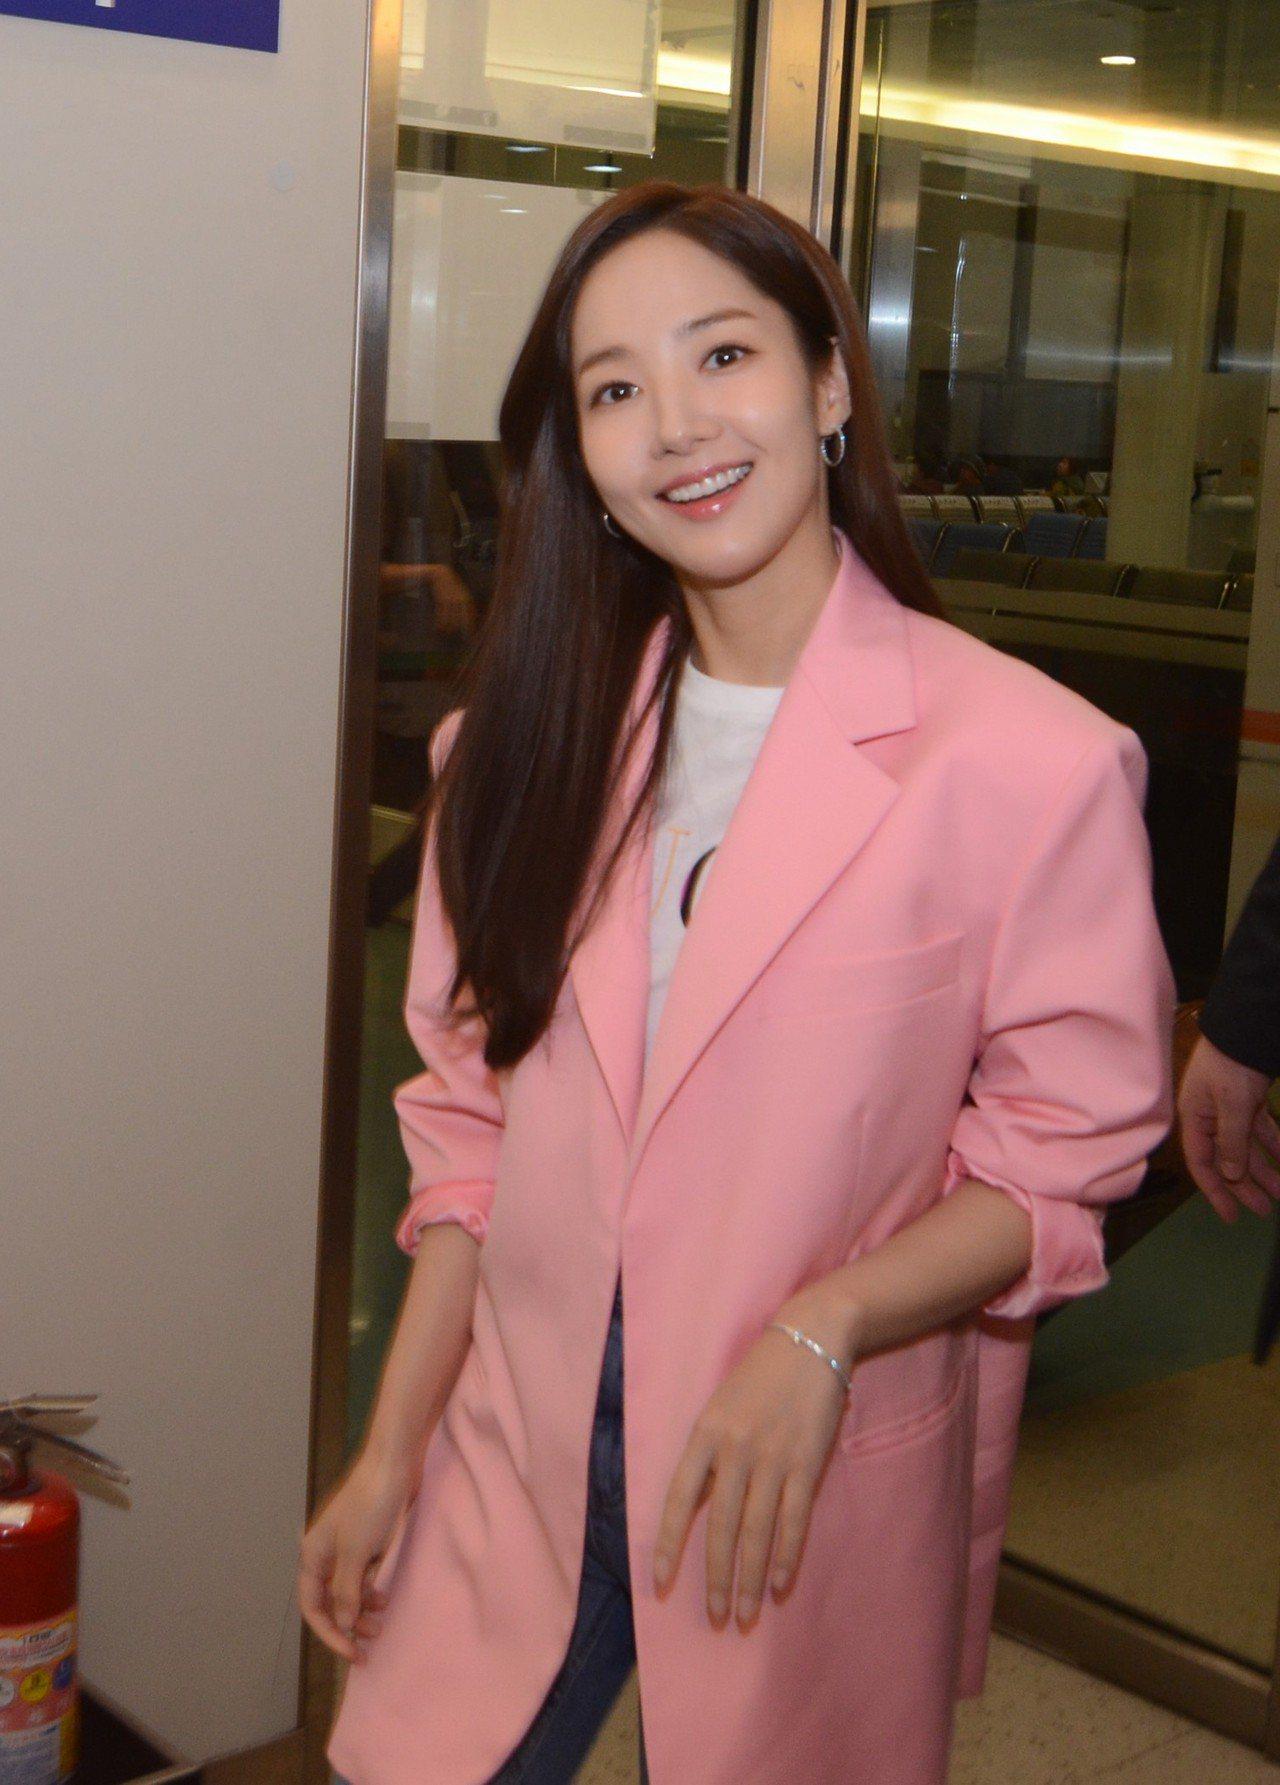 韓國女星朴敏英一身粉嫩情人節晚上抵達台灣。圖/Tiffany & Co.提供